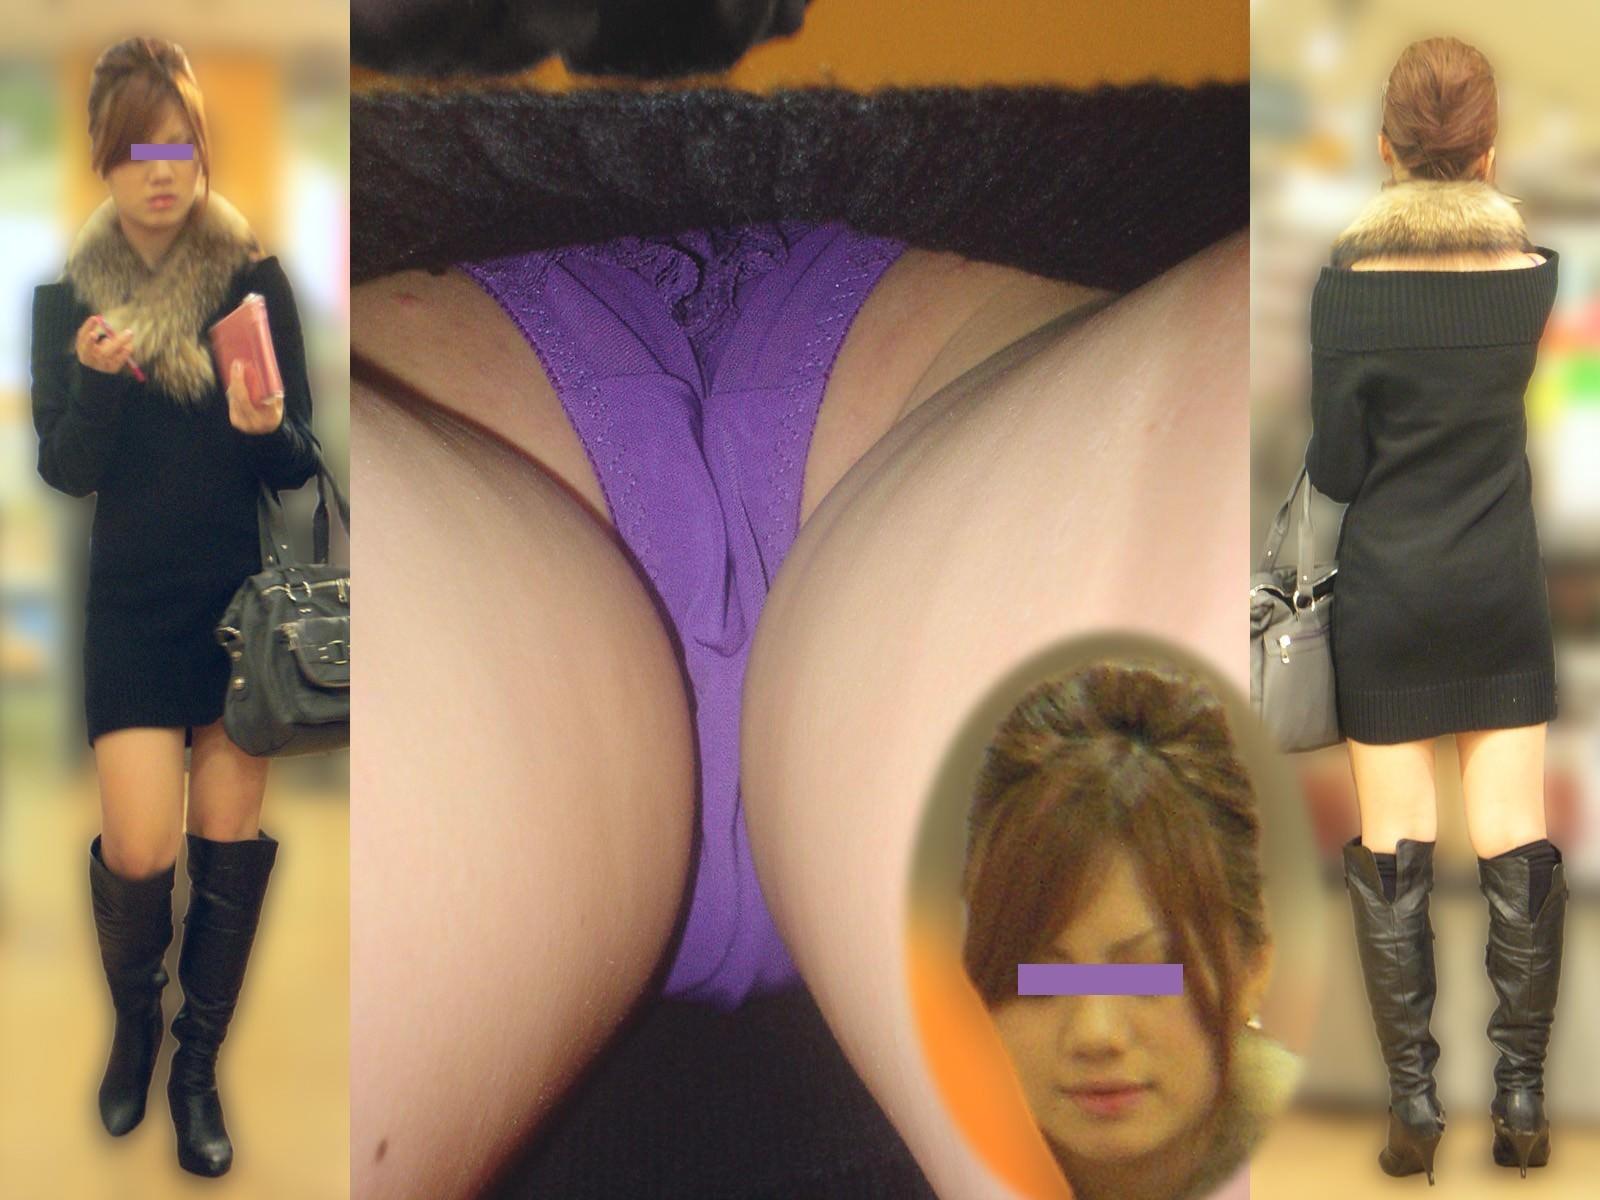 OLや女子大生の私服のスカートの中をパシャリ!!!逆さパンチラのエロさは異常www 2162